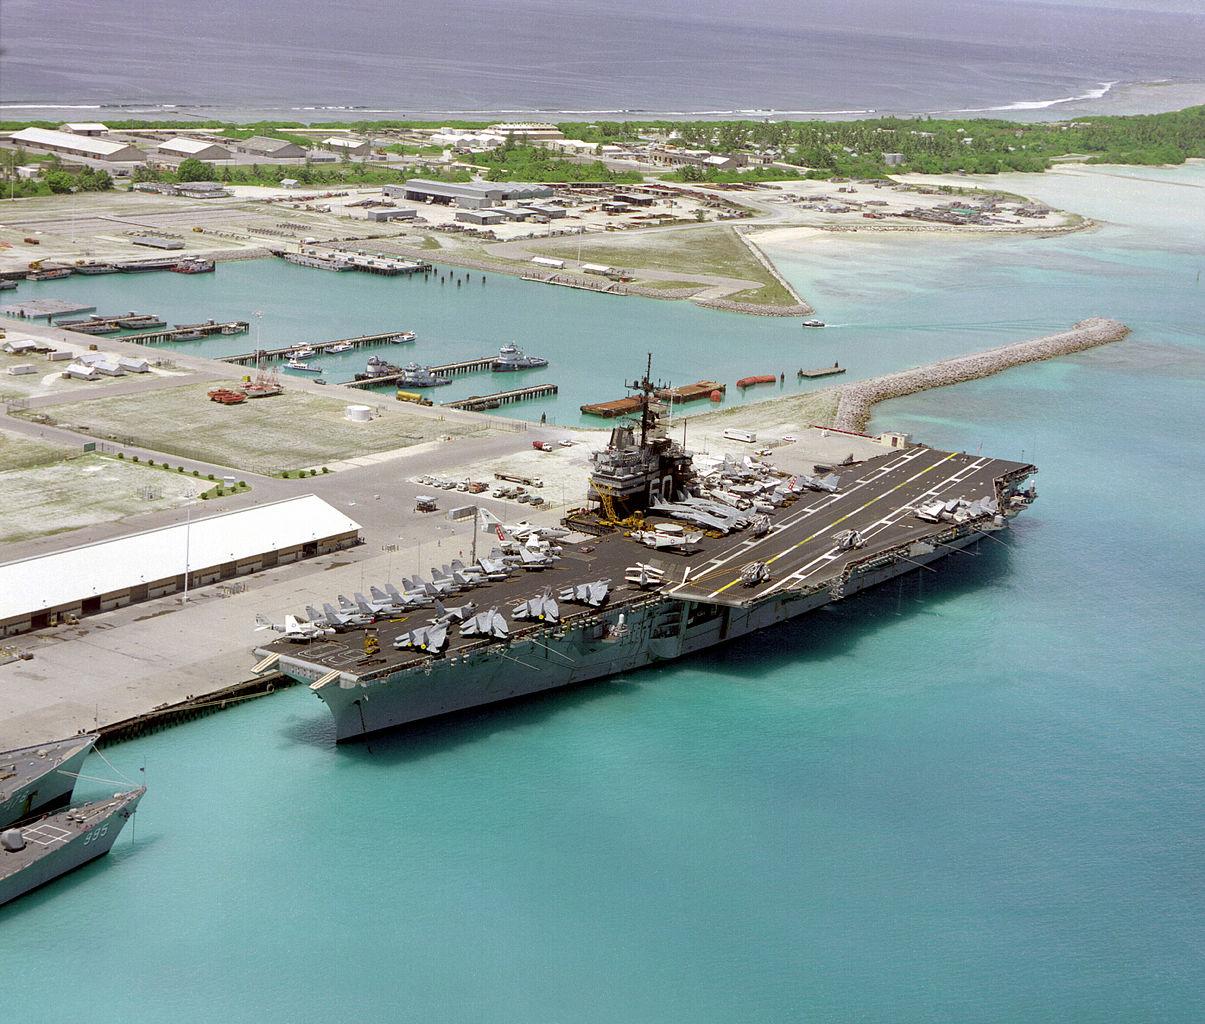 Le porte-avions USS Saratoga dans la base militaire de Diego Garcia, Chagos (Décembre 1985)